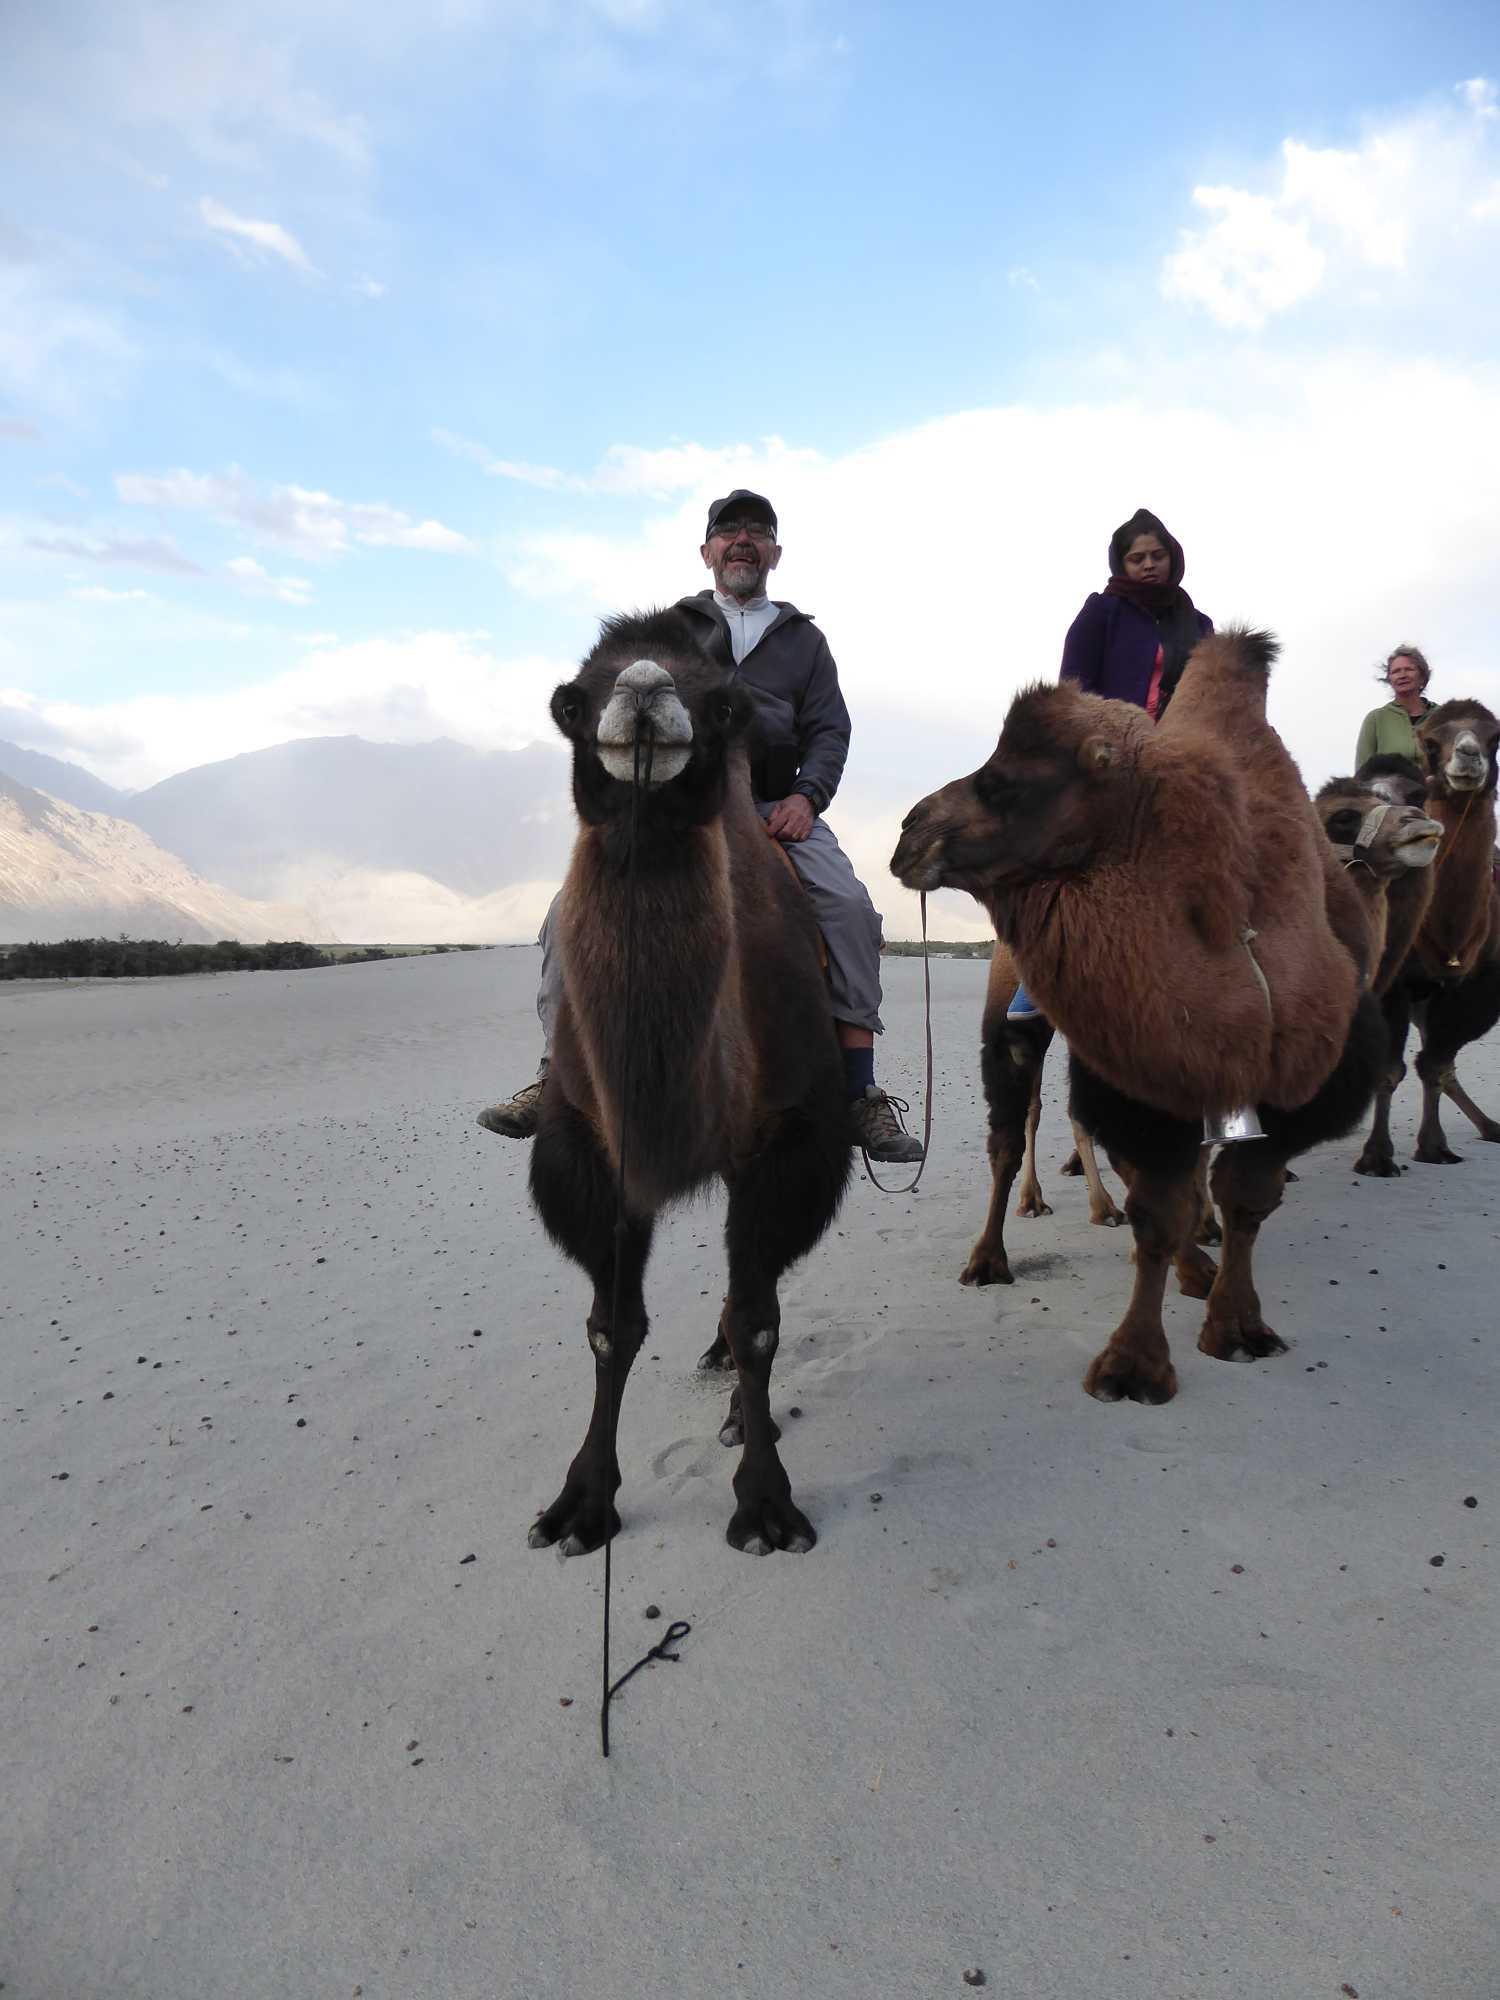 On the road in caravan